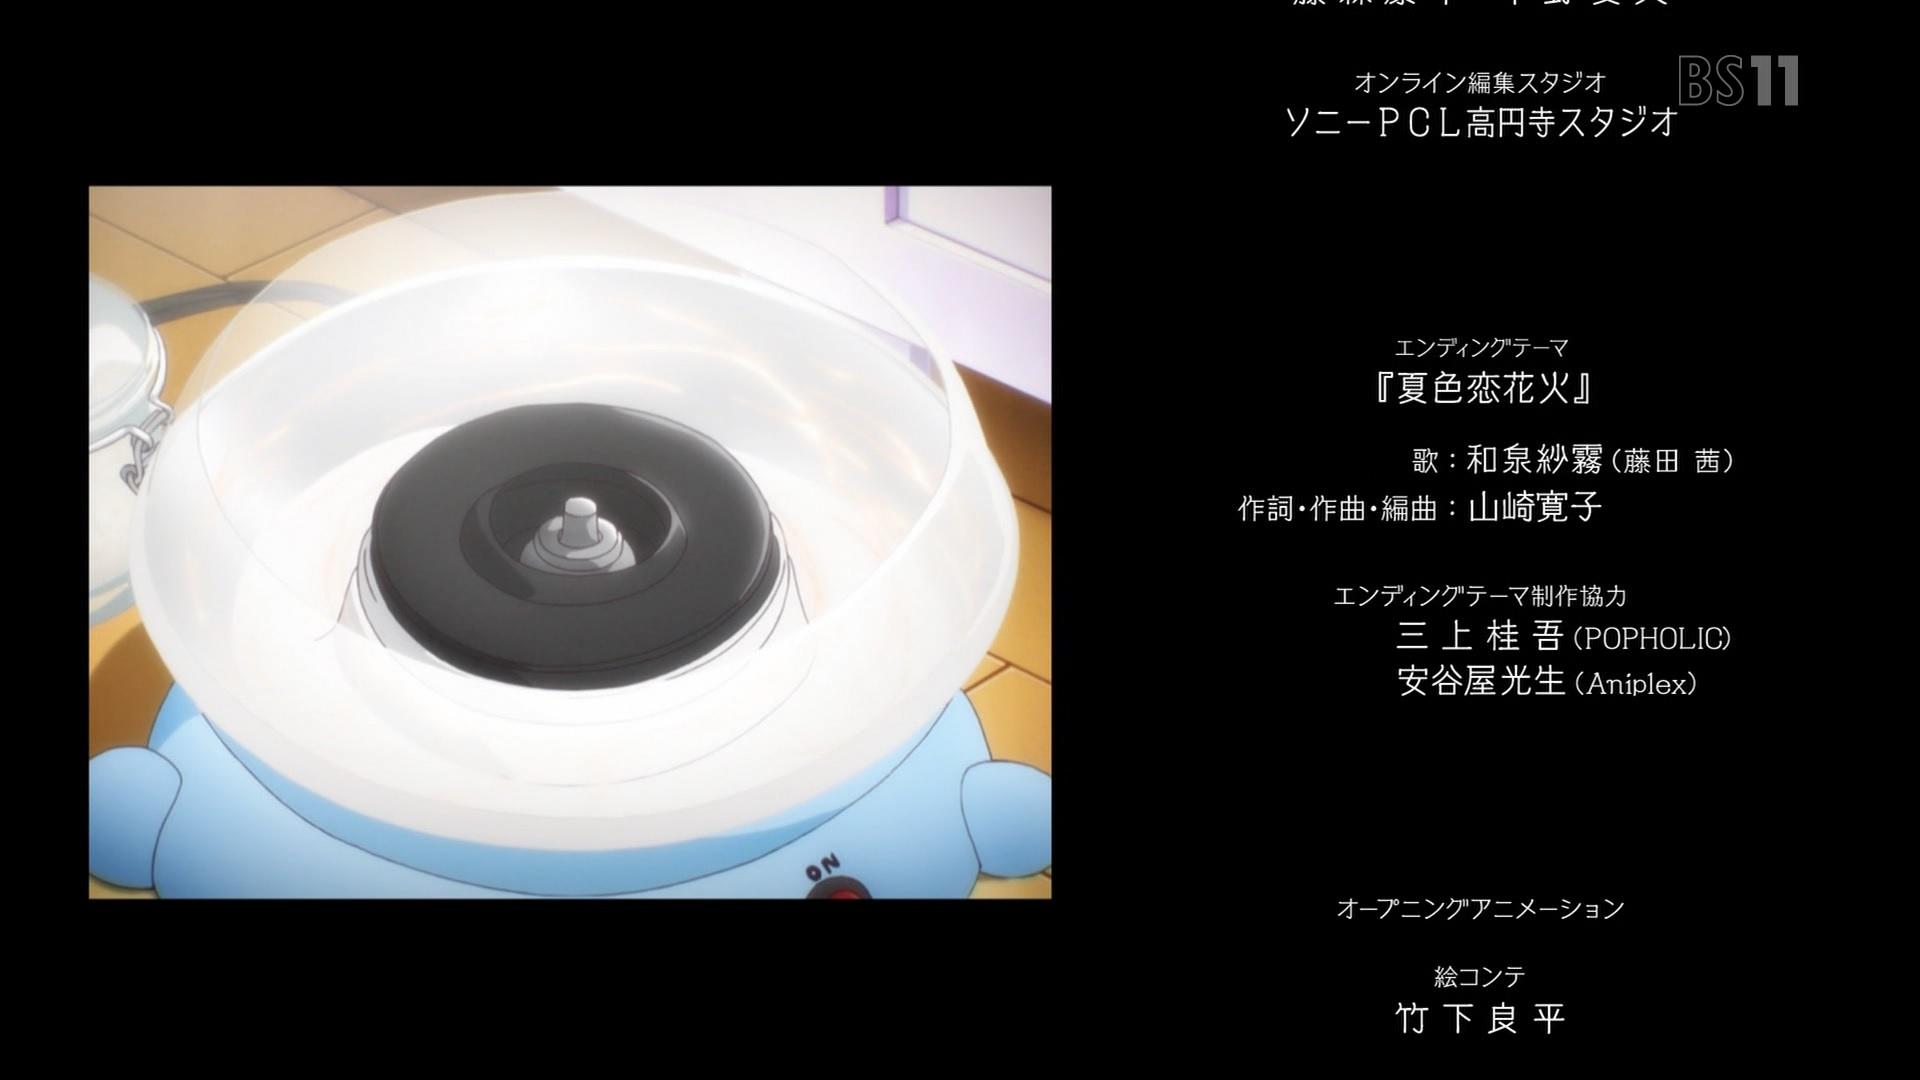 エロマンガ先生第8話の特殊ED『夏色恋花火』